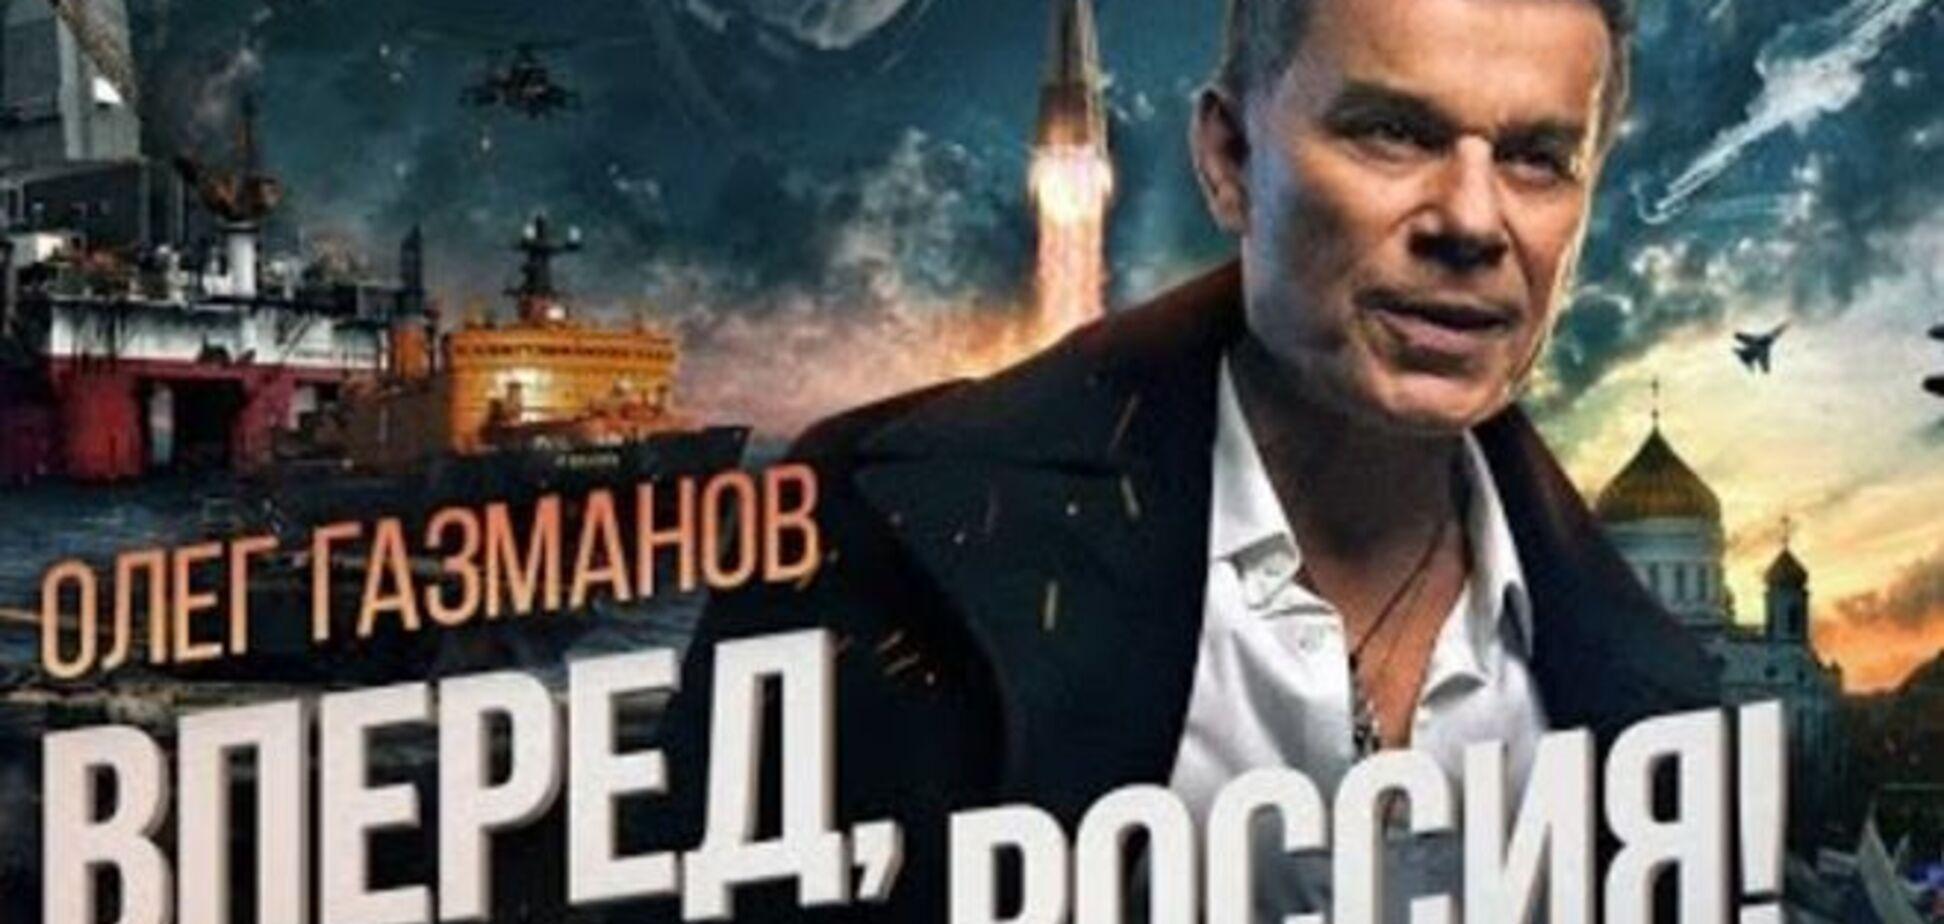 Газманов в ярости: YouTube заблокировал певца за песню о России